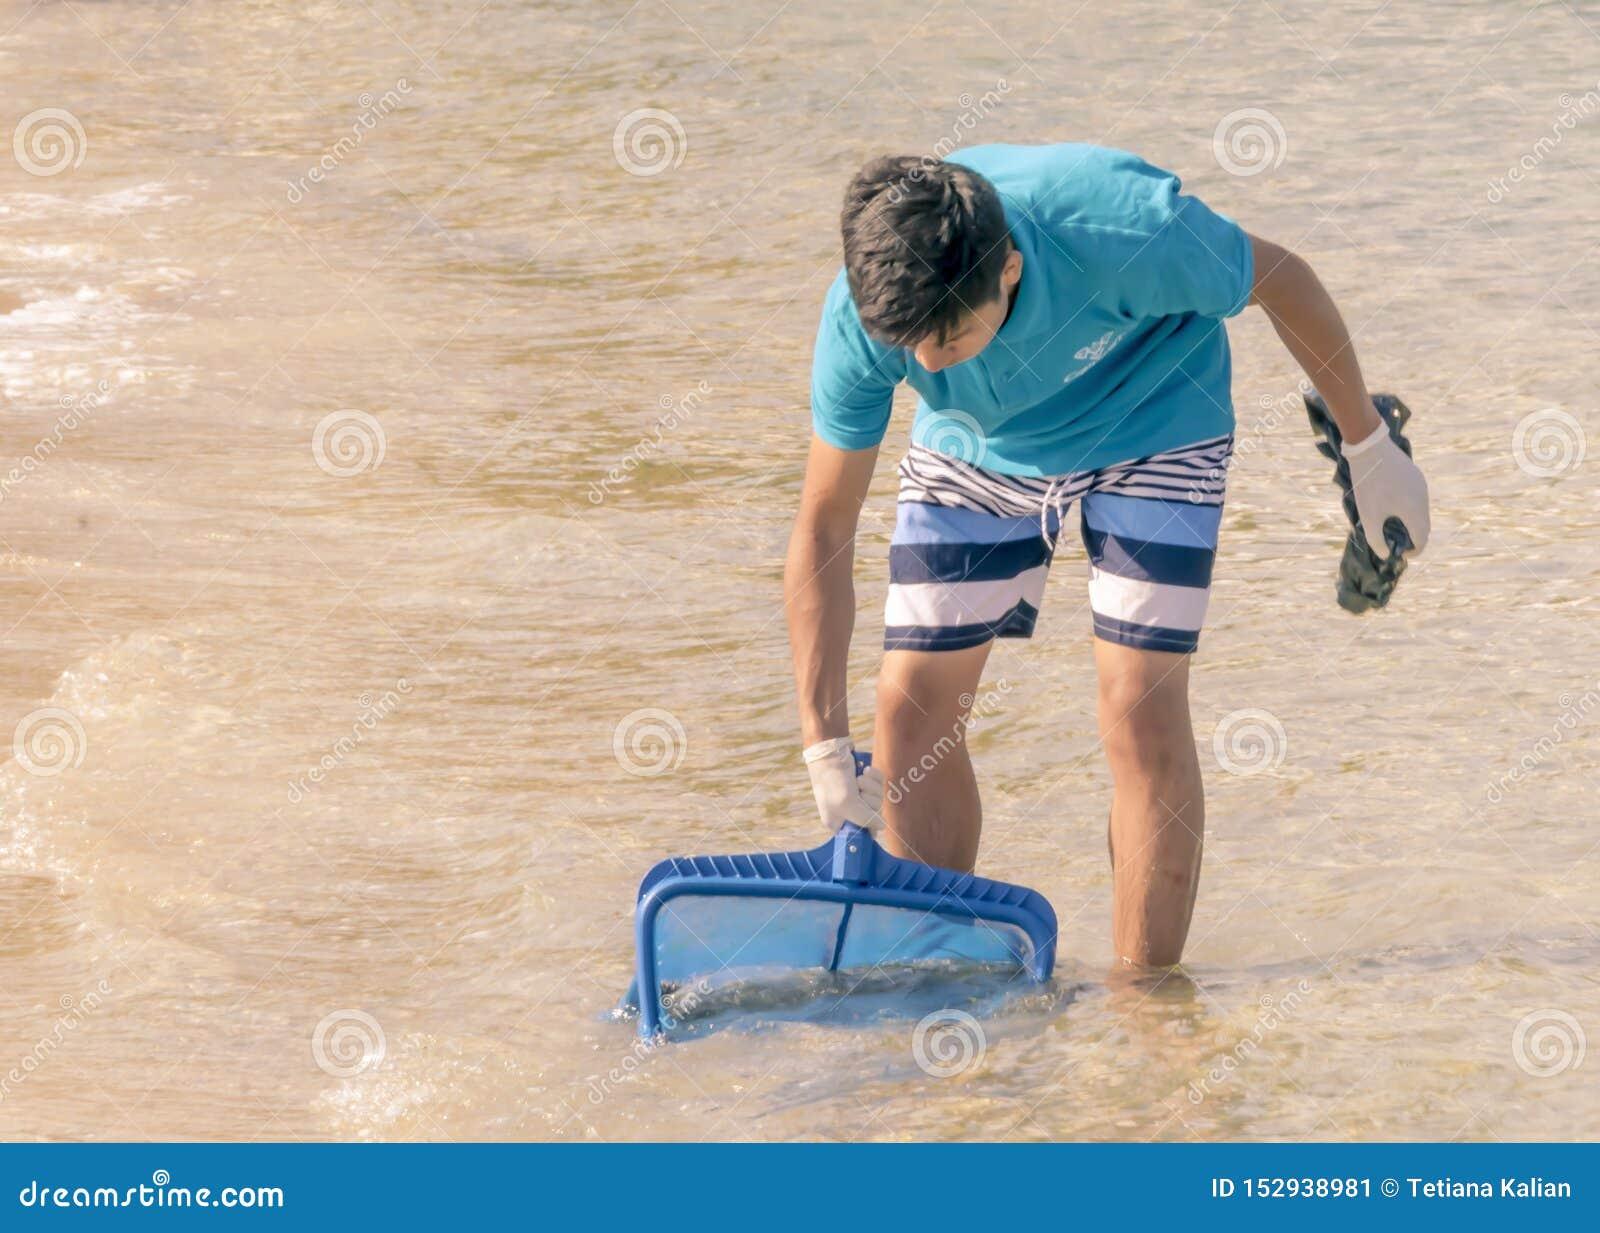 CYPR, KARAVAS, ALSANCAK - CZERWIEC 10, 2019: Młoda chłopiec czyści wybrzeże od śmieci Mężczyzna pracuje morzem używać narzędzie